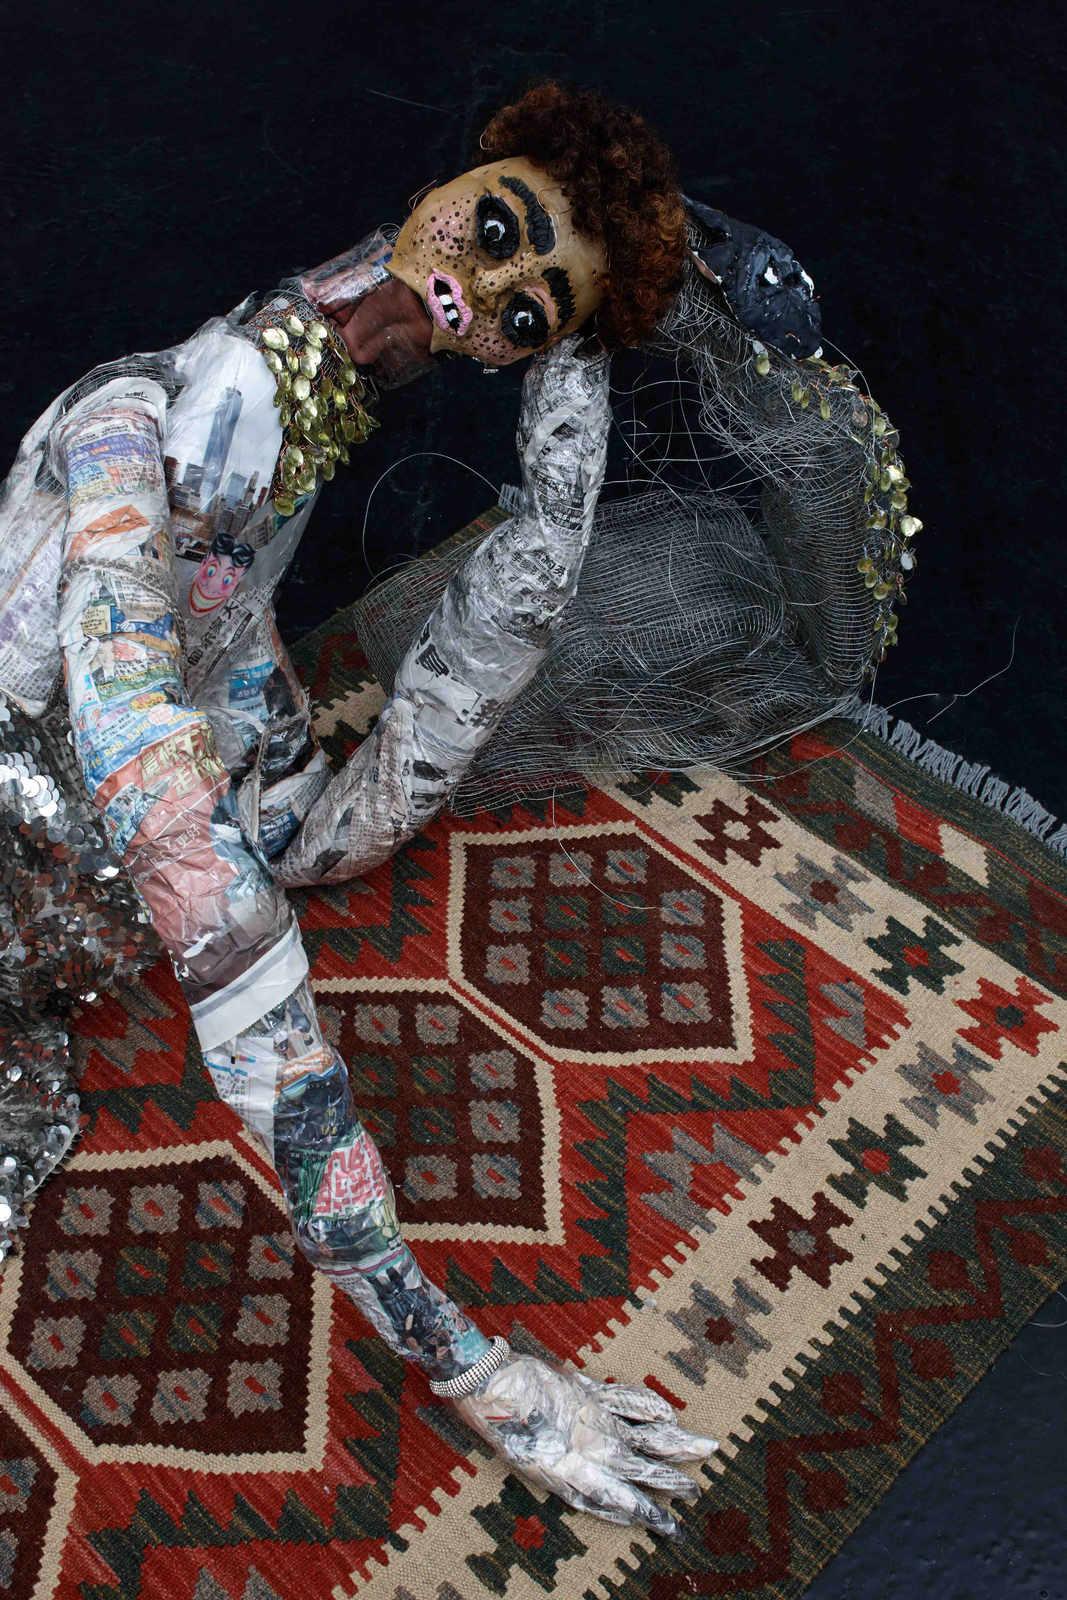 Joseph Geagan - Seashell Superstar (detail), 2016